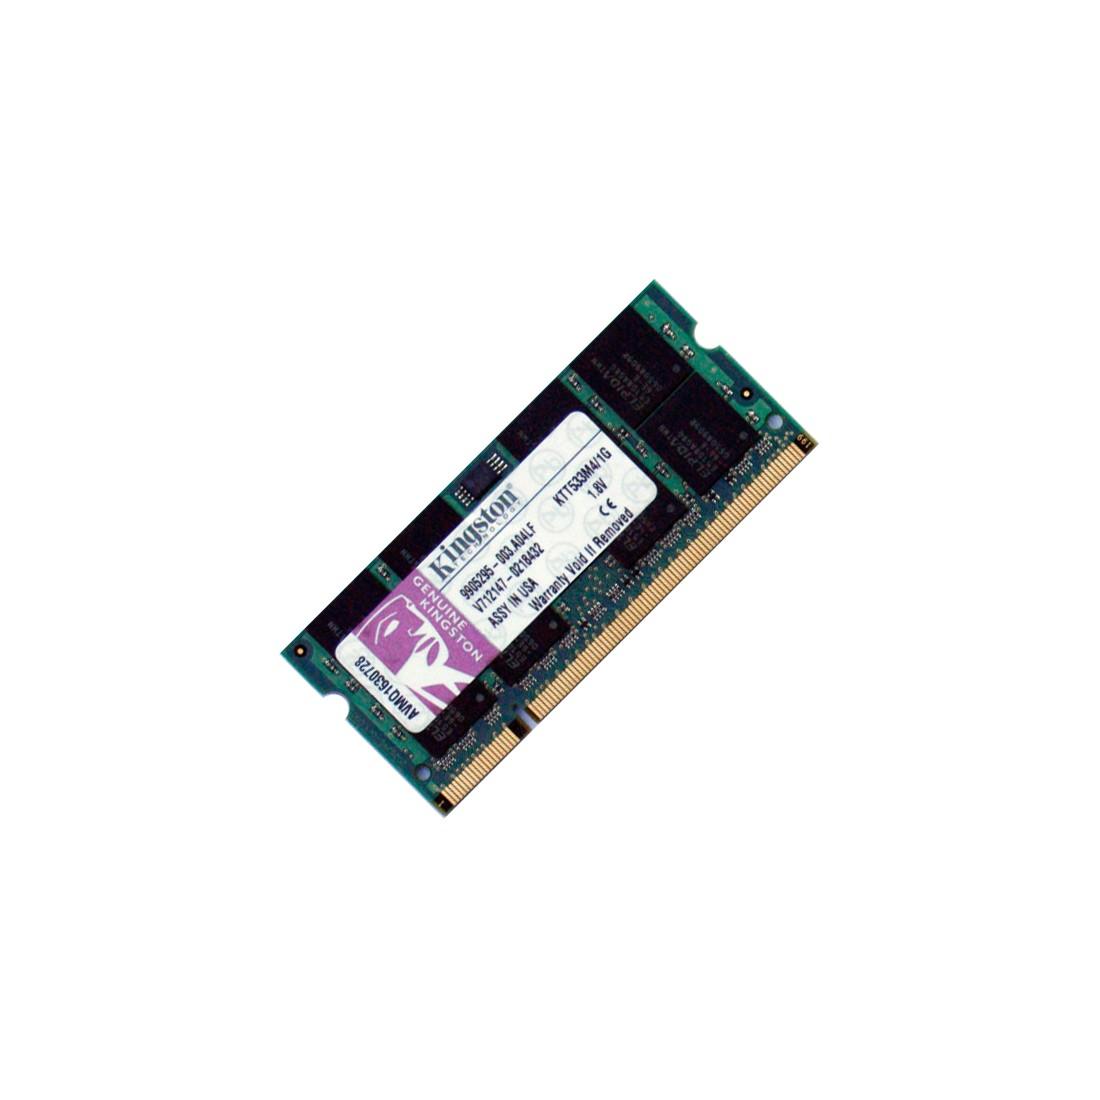 ΜΝΗΜΗ RAM 512 MB  SODIMM DDR 800